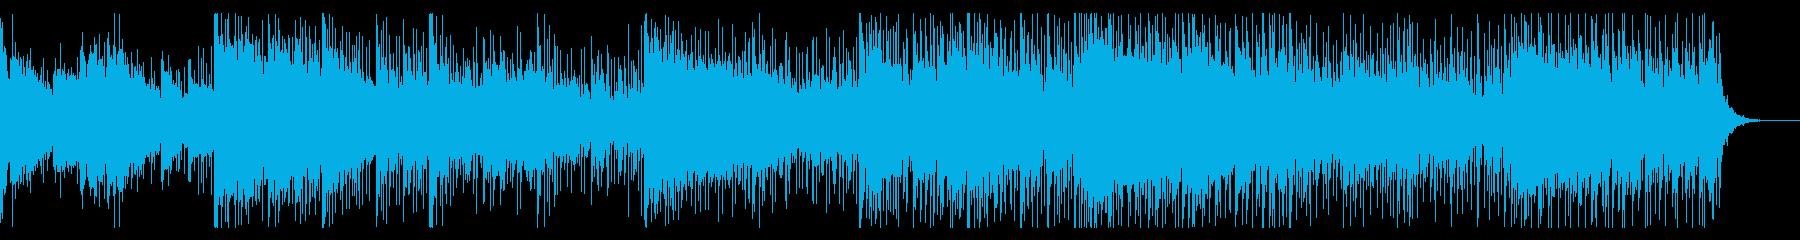 不気味なホラーテクスチャの再生済みの波形